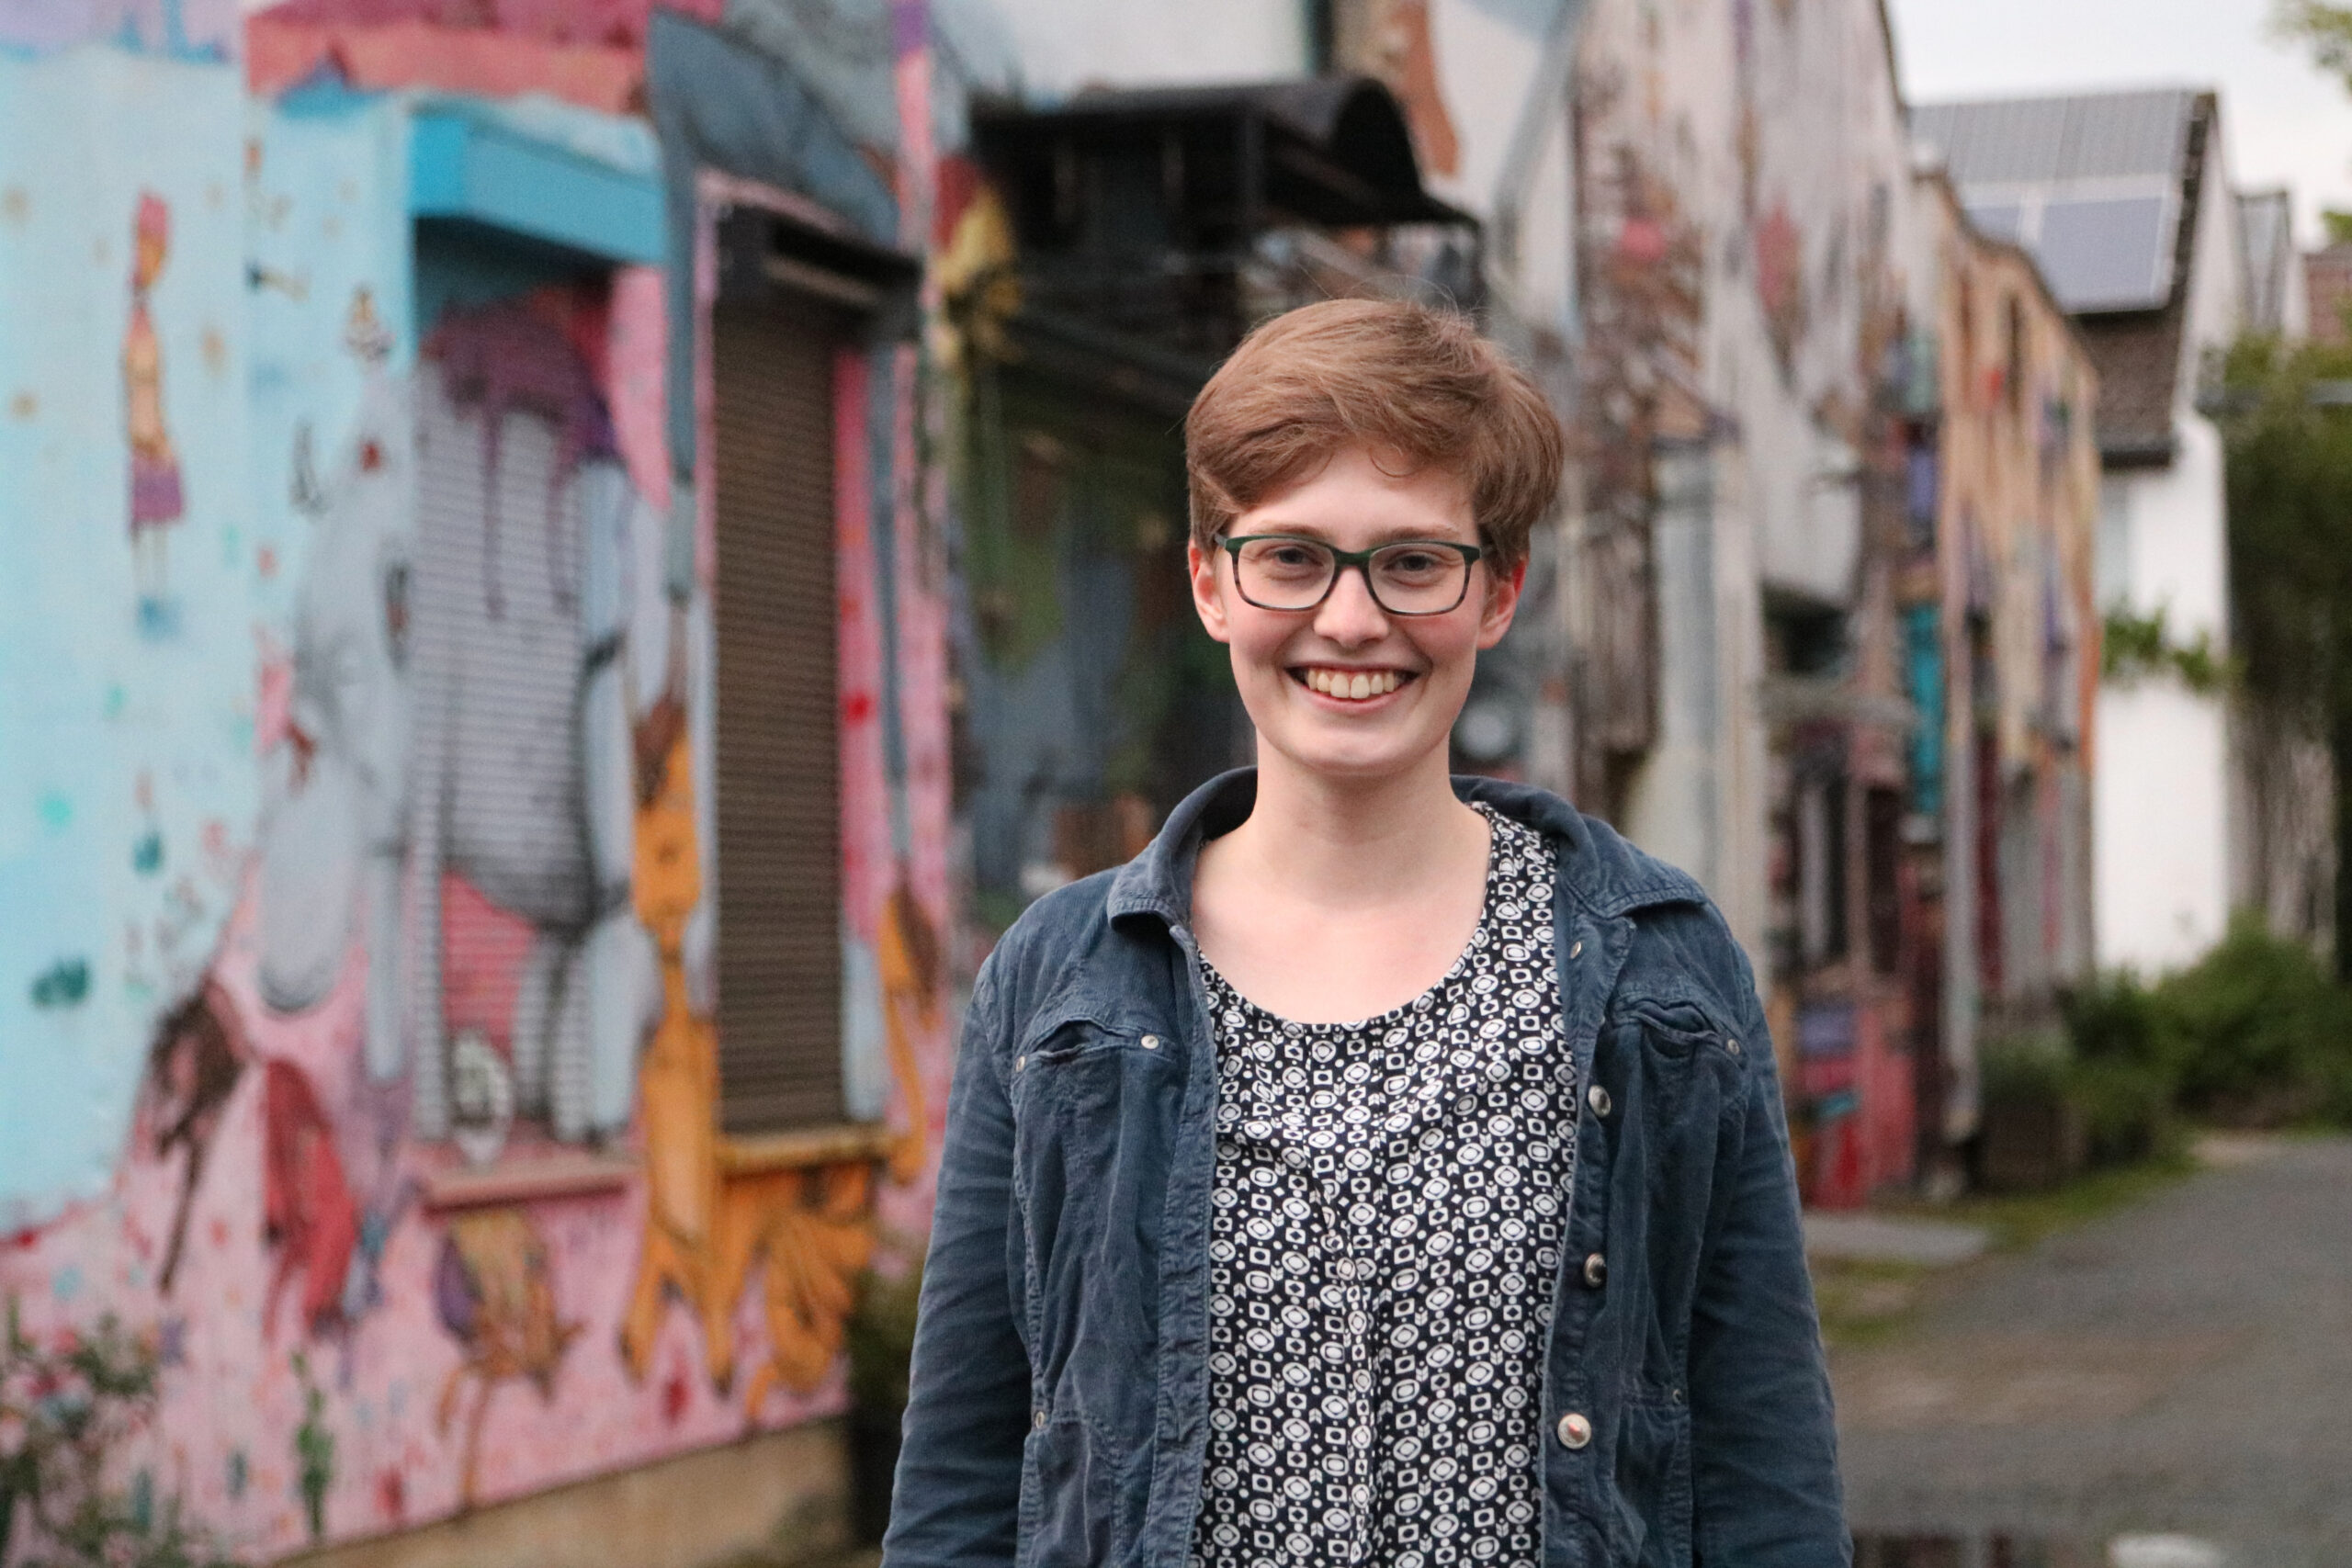 Kandidatin der GRÜNEN JUGEND Niedersachsen auf sicheren Listenplatz zur Bundestagswahl gewählt